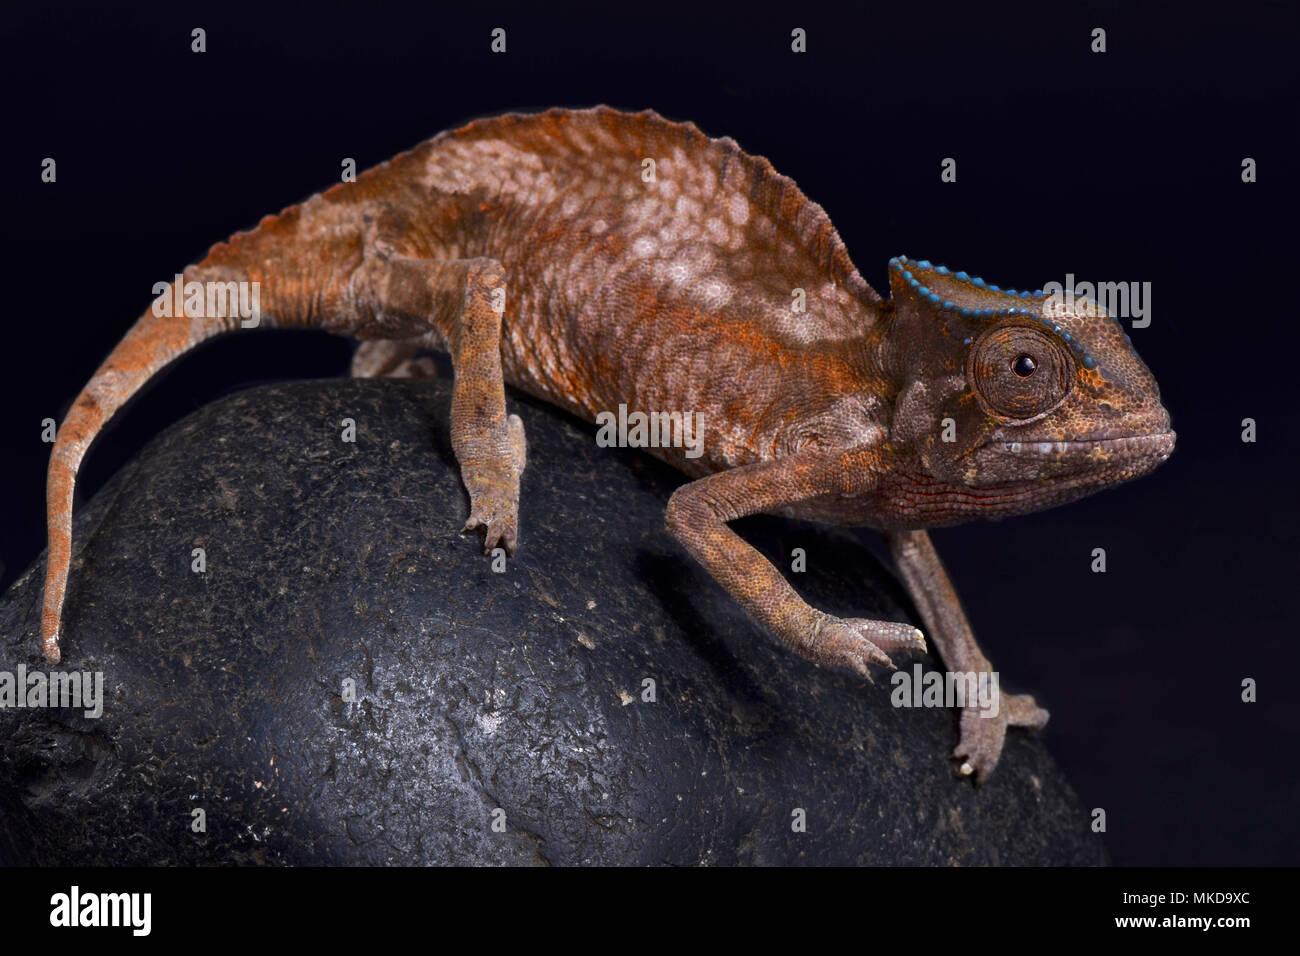 Crested Chameleon (Trioceros cristatus) auf schwarzem Hintergrund Stockbild